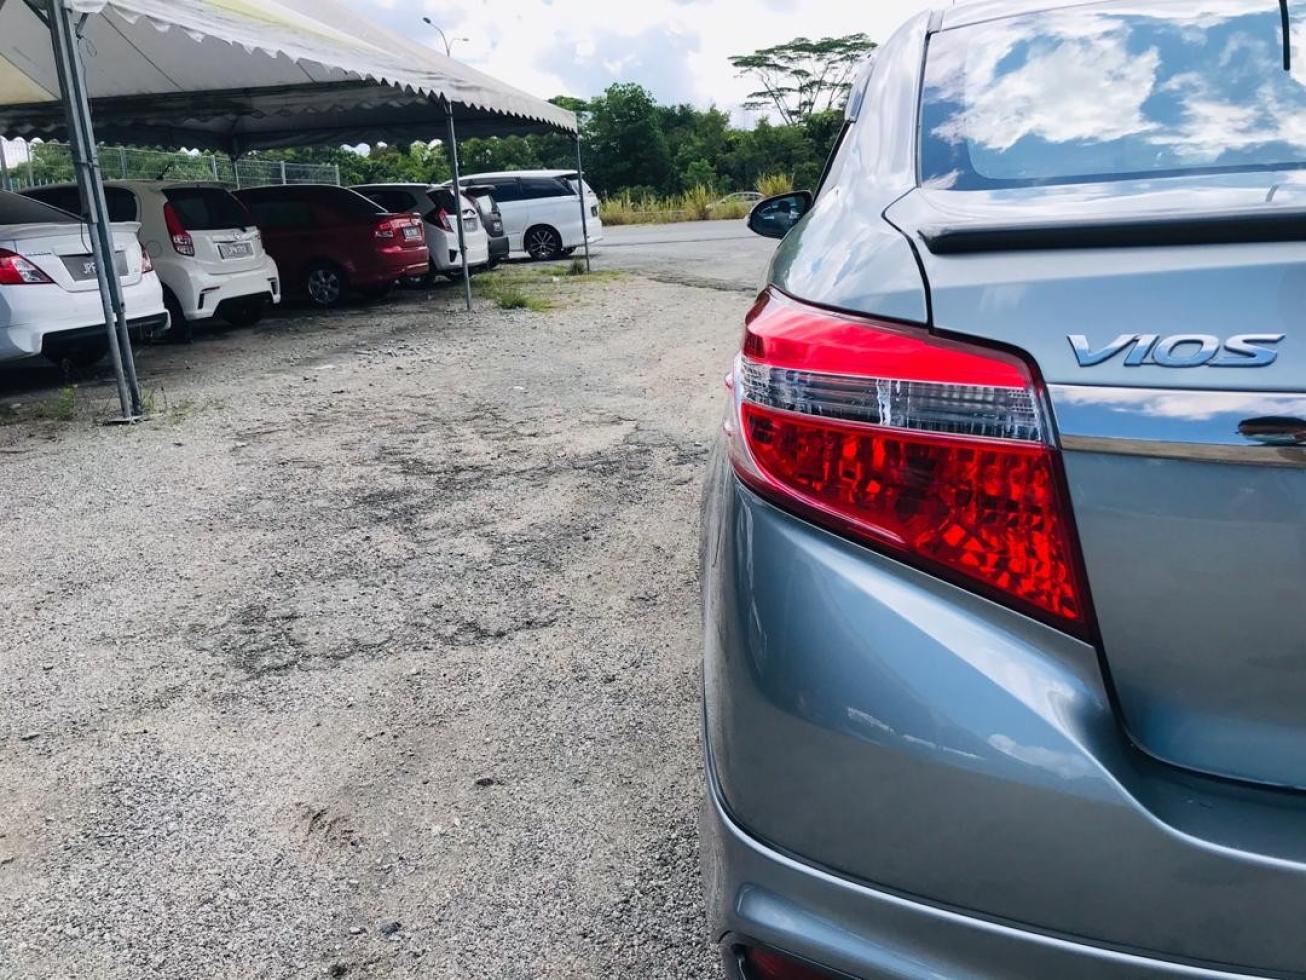 2013 Toyota VIOS 1.5 TRD SPORTIVO (A)